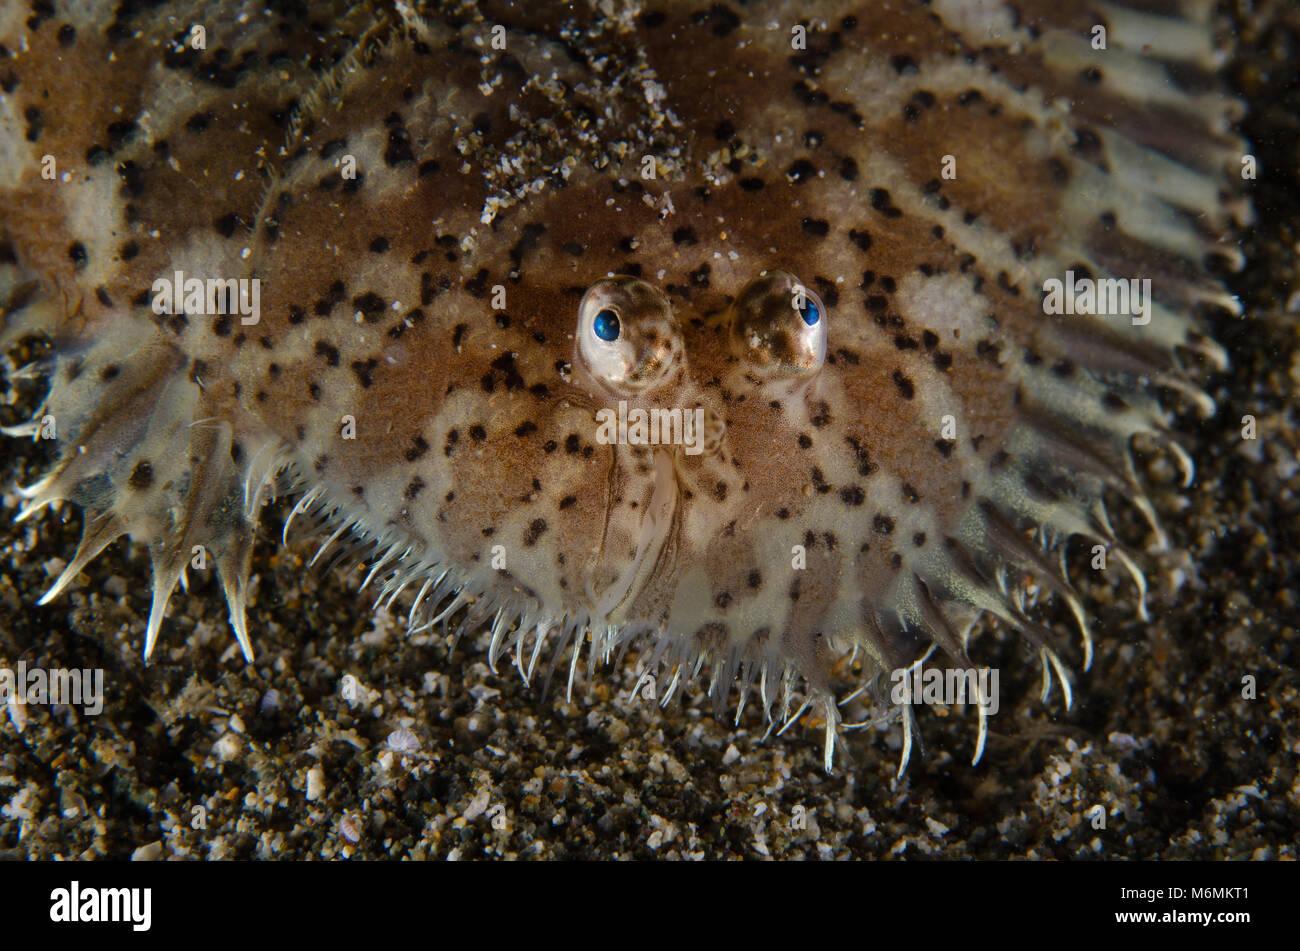 Blackspotted Sole, Mottled sole, Aseraggodes melanostictus, Soleidae, Anilao, Philippines, Asia - Stock Image